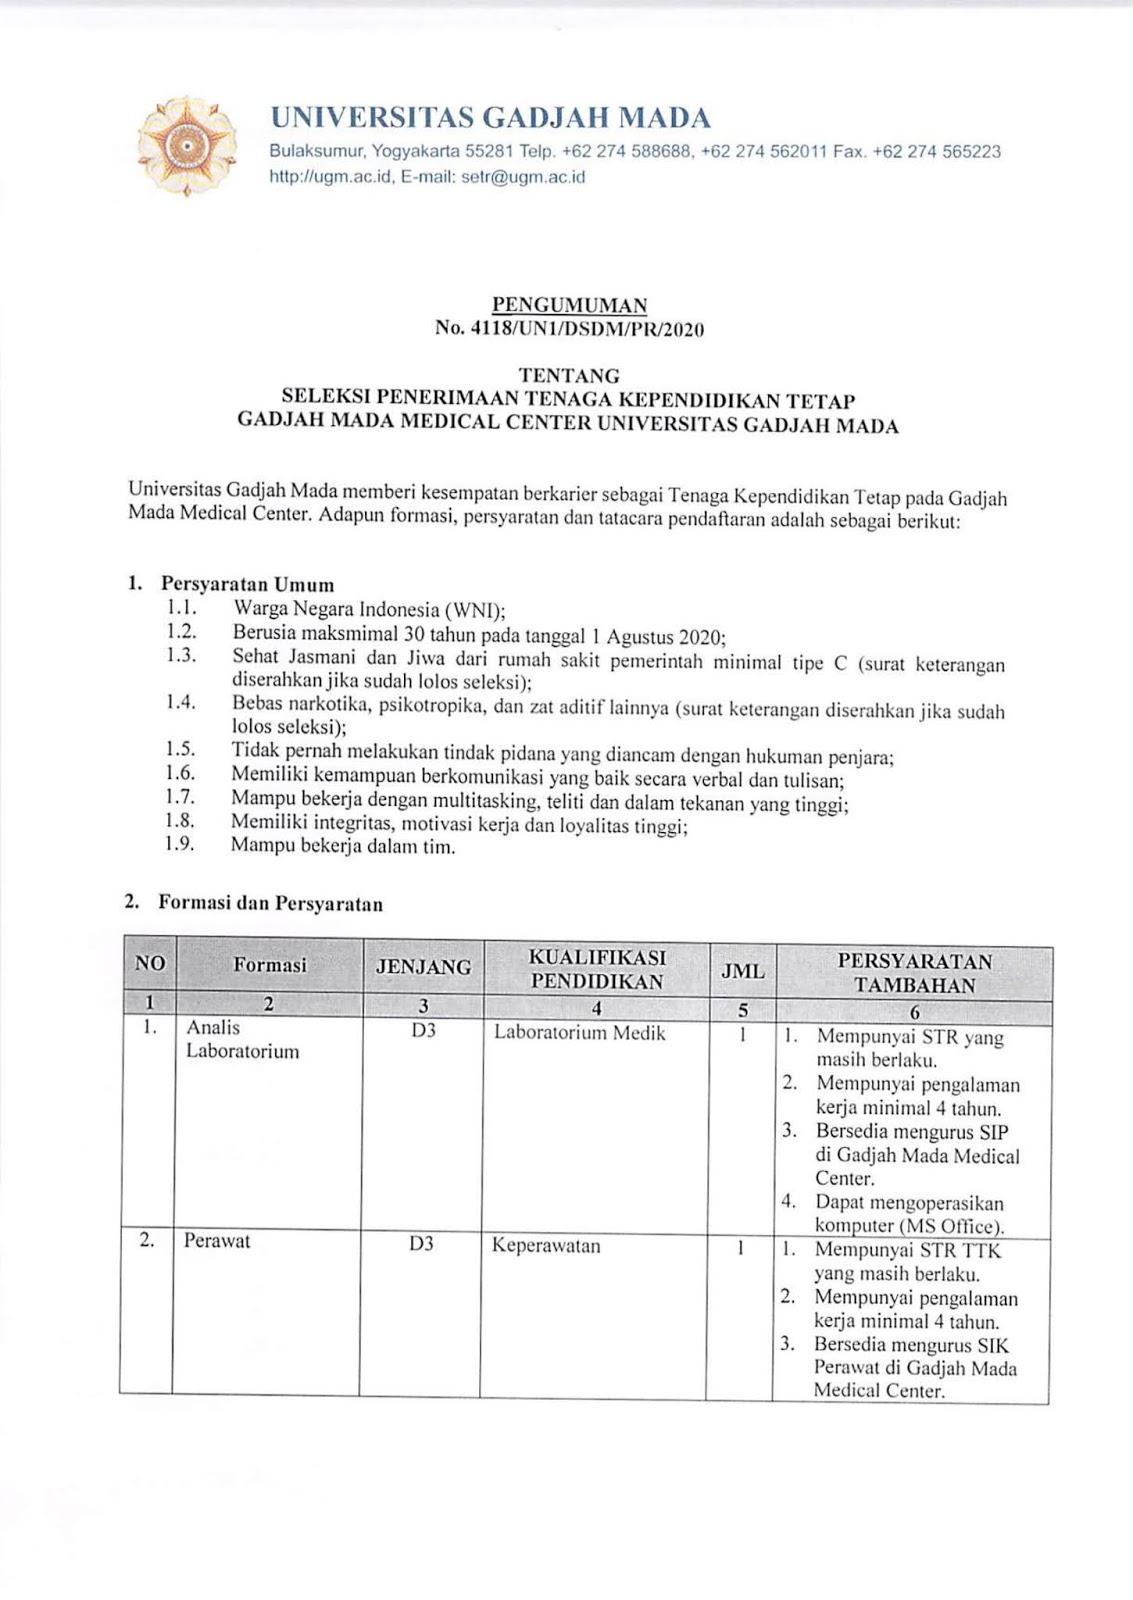 Lowongan Kerja Tenaga Pegawai Universitas Gadjah Mada Tahun 2020